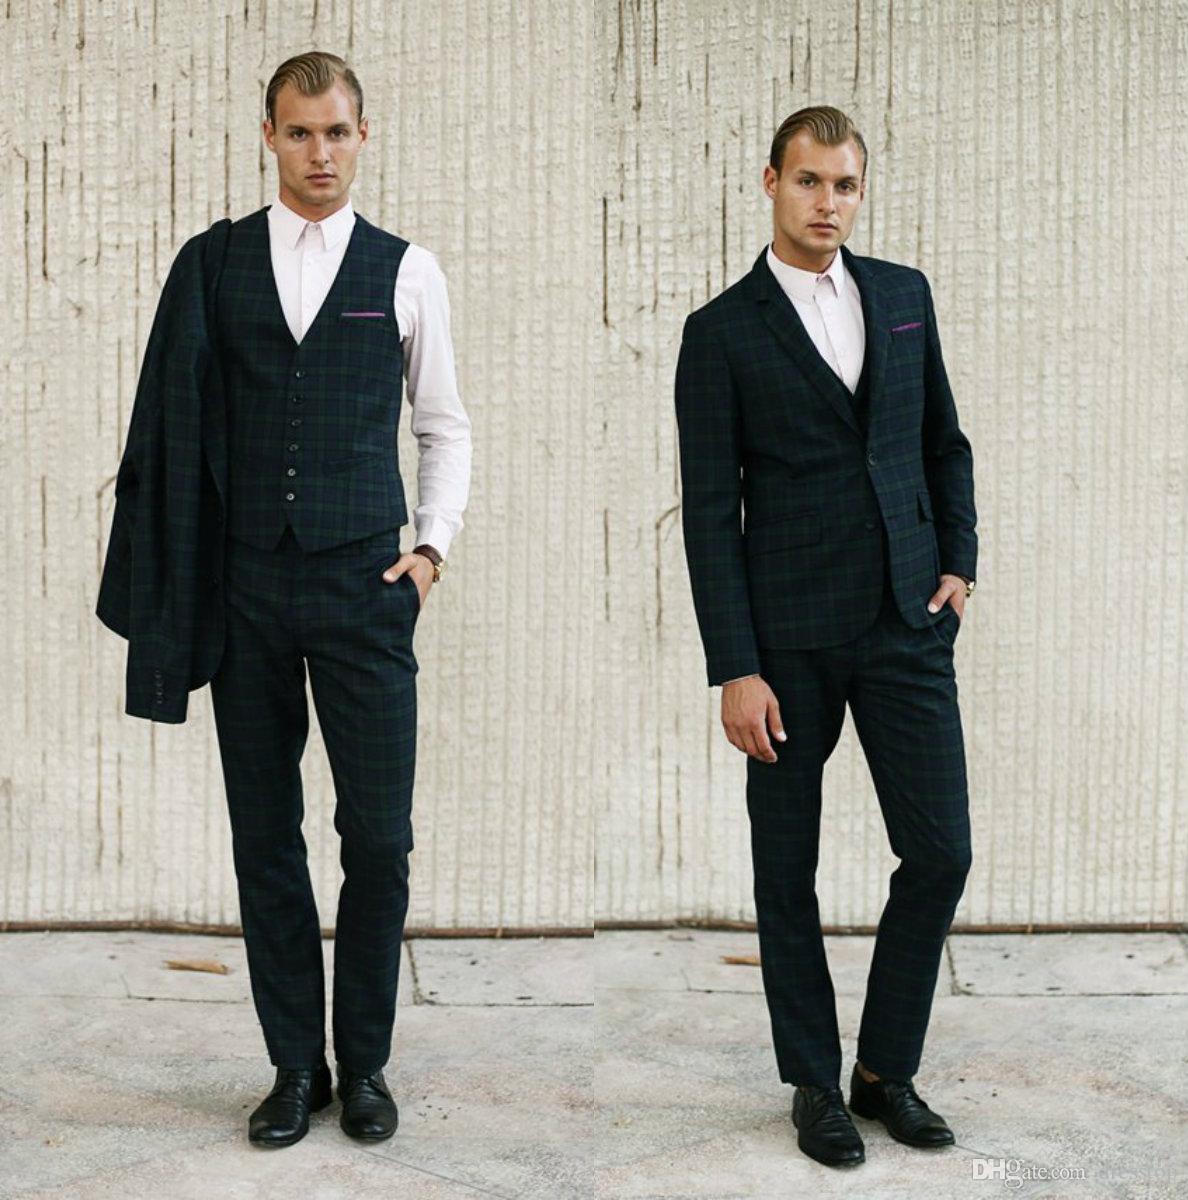 Slim Green Slim Fit Trajes de hombre Plaid Broom Tuxedos Novio Trajes Diseño Negocio Formal Prom Blazer 3 piezas (chaqueta + pantalones + chaleco)